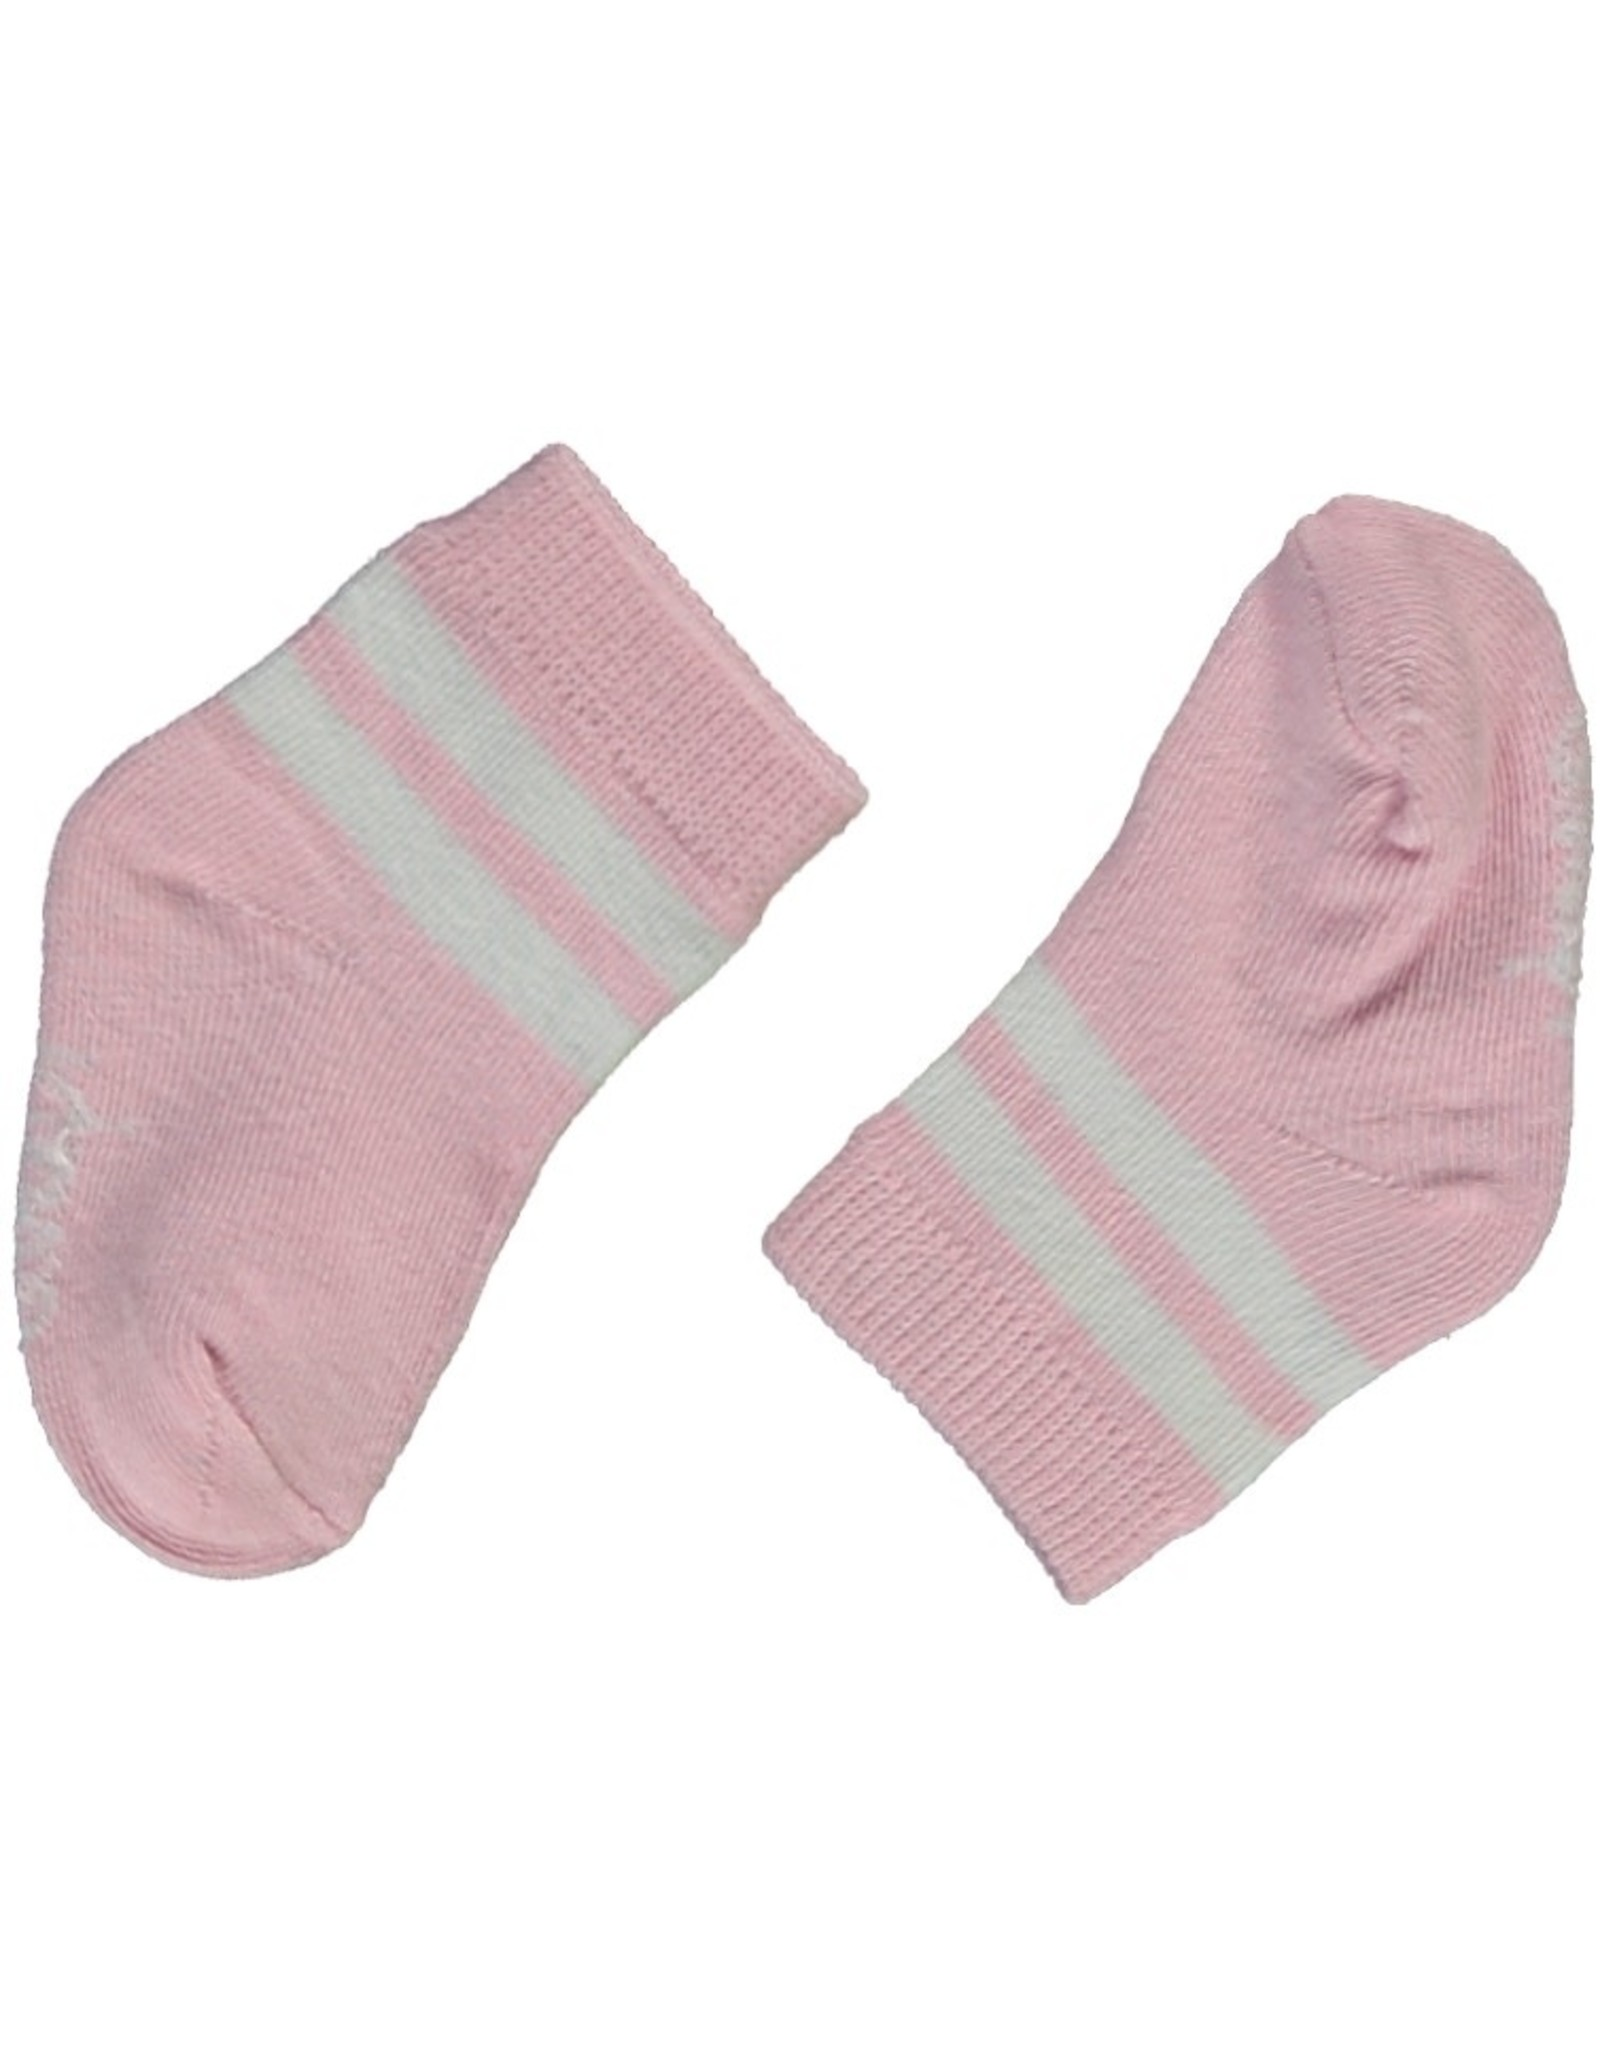 Quapi Quapi newborn meisjes sokken Xienna